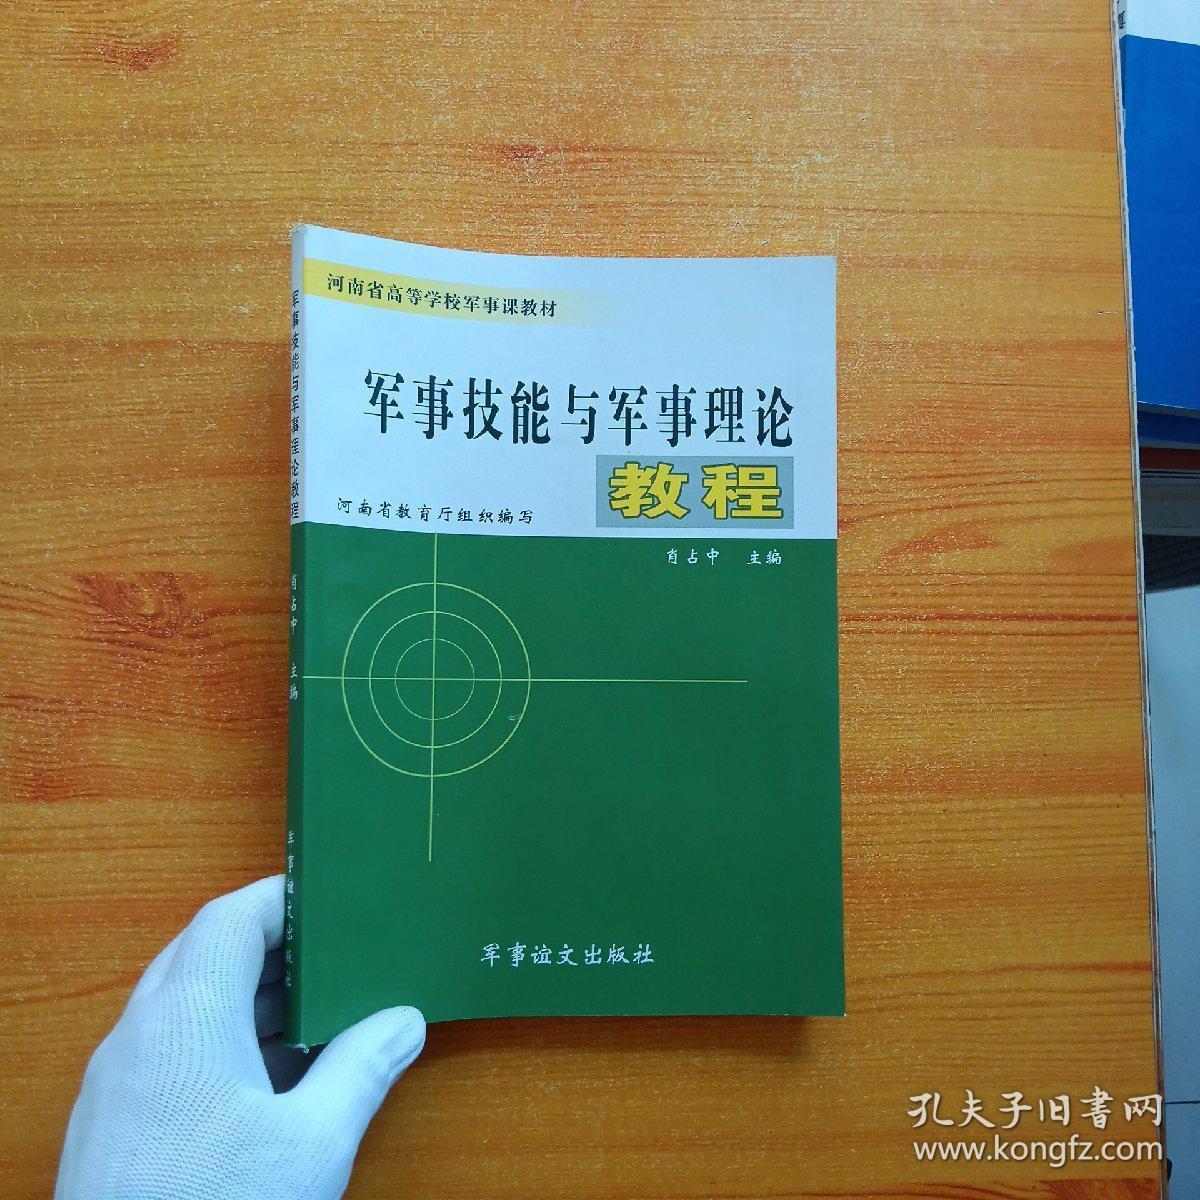 军事技能与军事理论教程 : 河南版【内页干净】